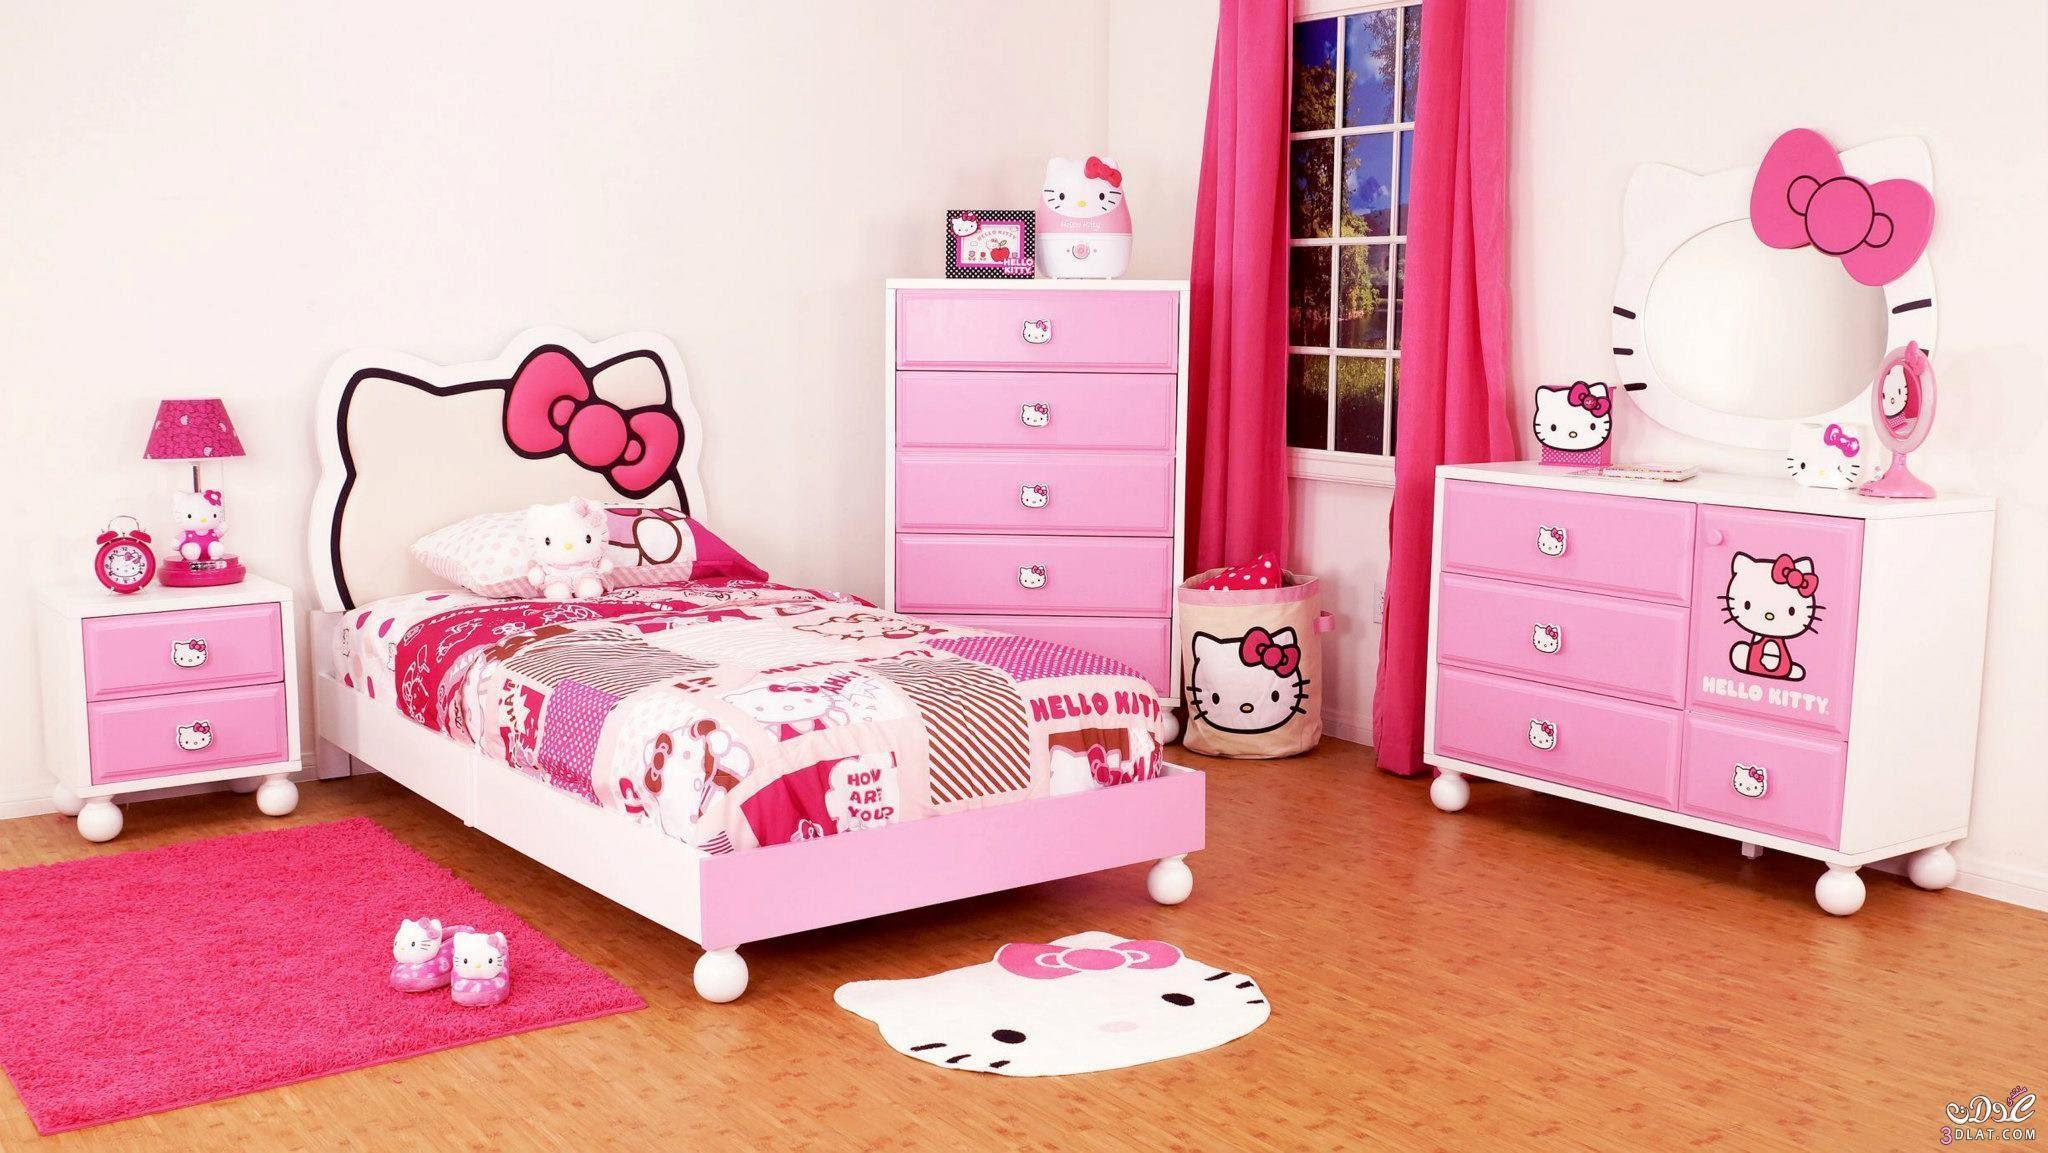 بالصور غرف نوم اطفال بنات , صور اجمل الغرف للبنات الصغيره تحفه 464 4